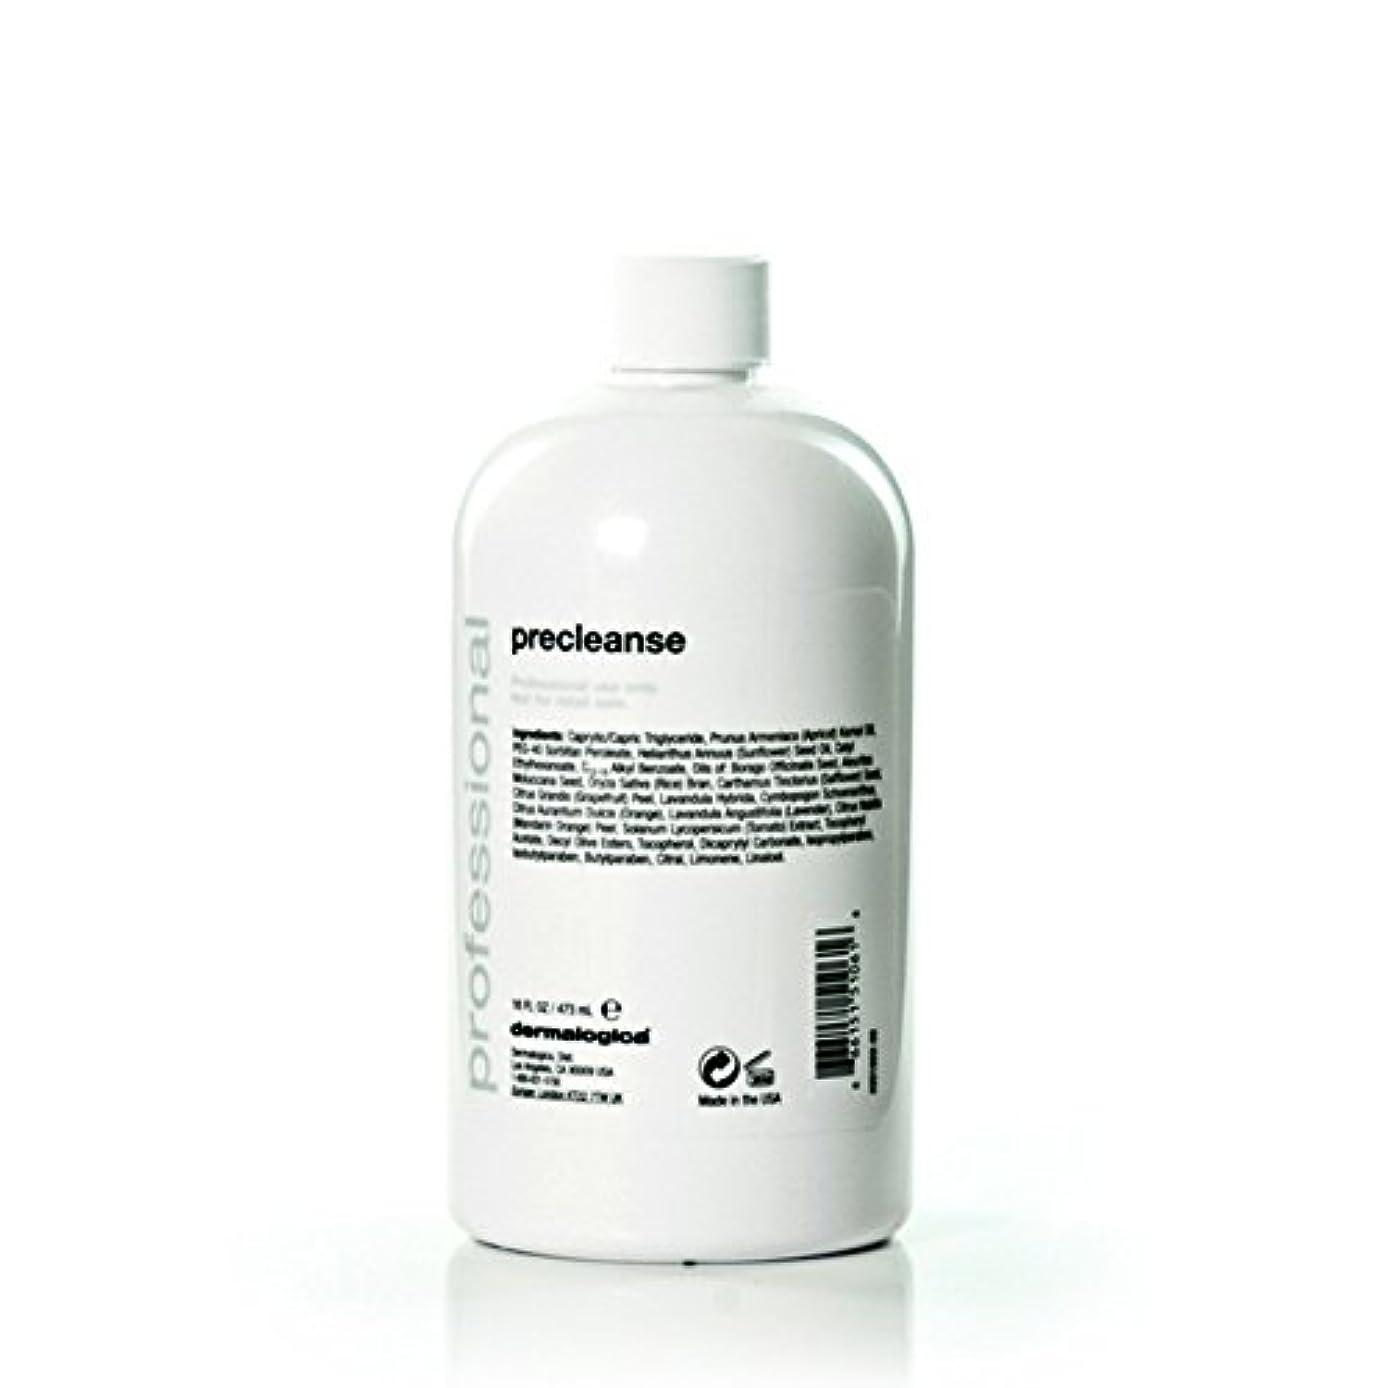 ブレーステクスチャー区別するダーマロジカ プレクレンズ (サロンサイズ) 473ml/16oz並行輸入品